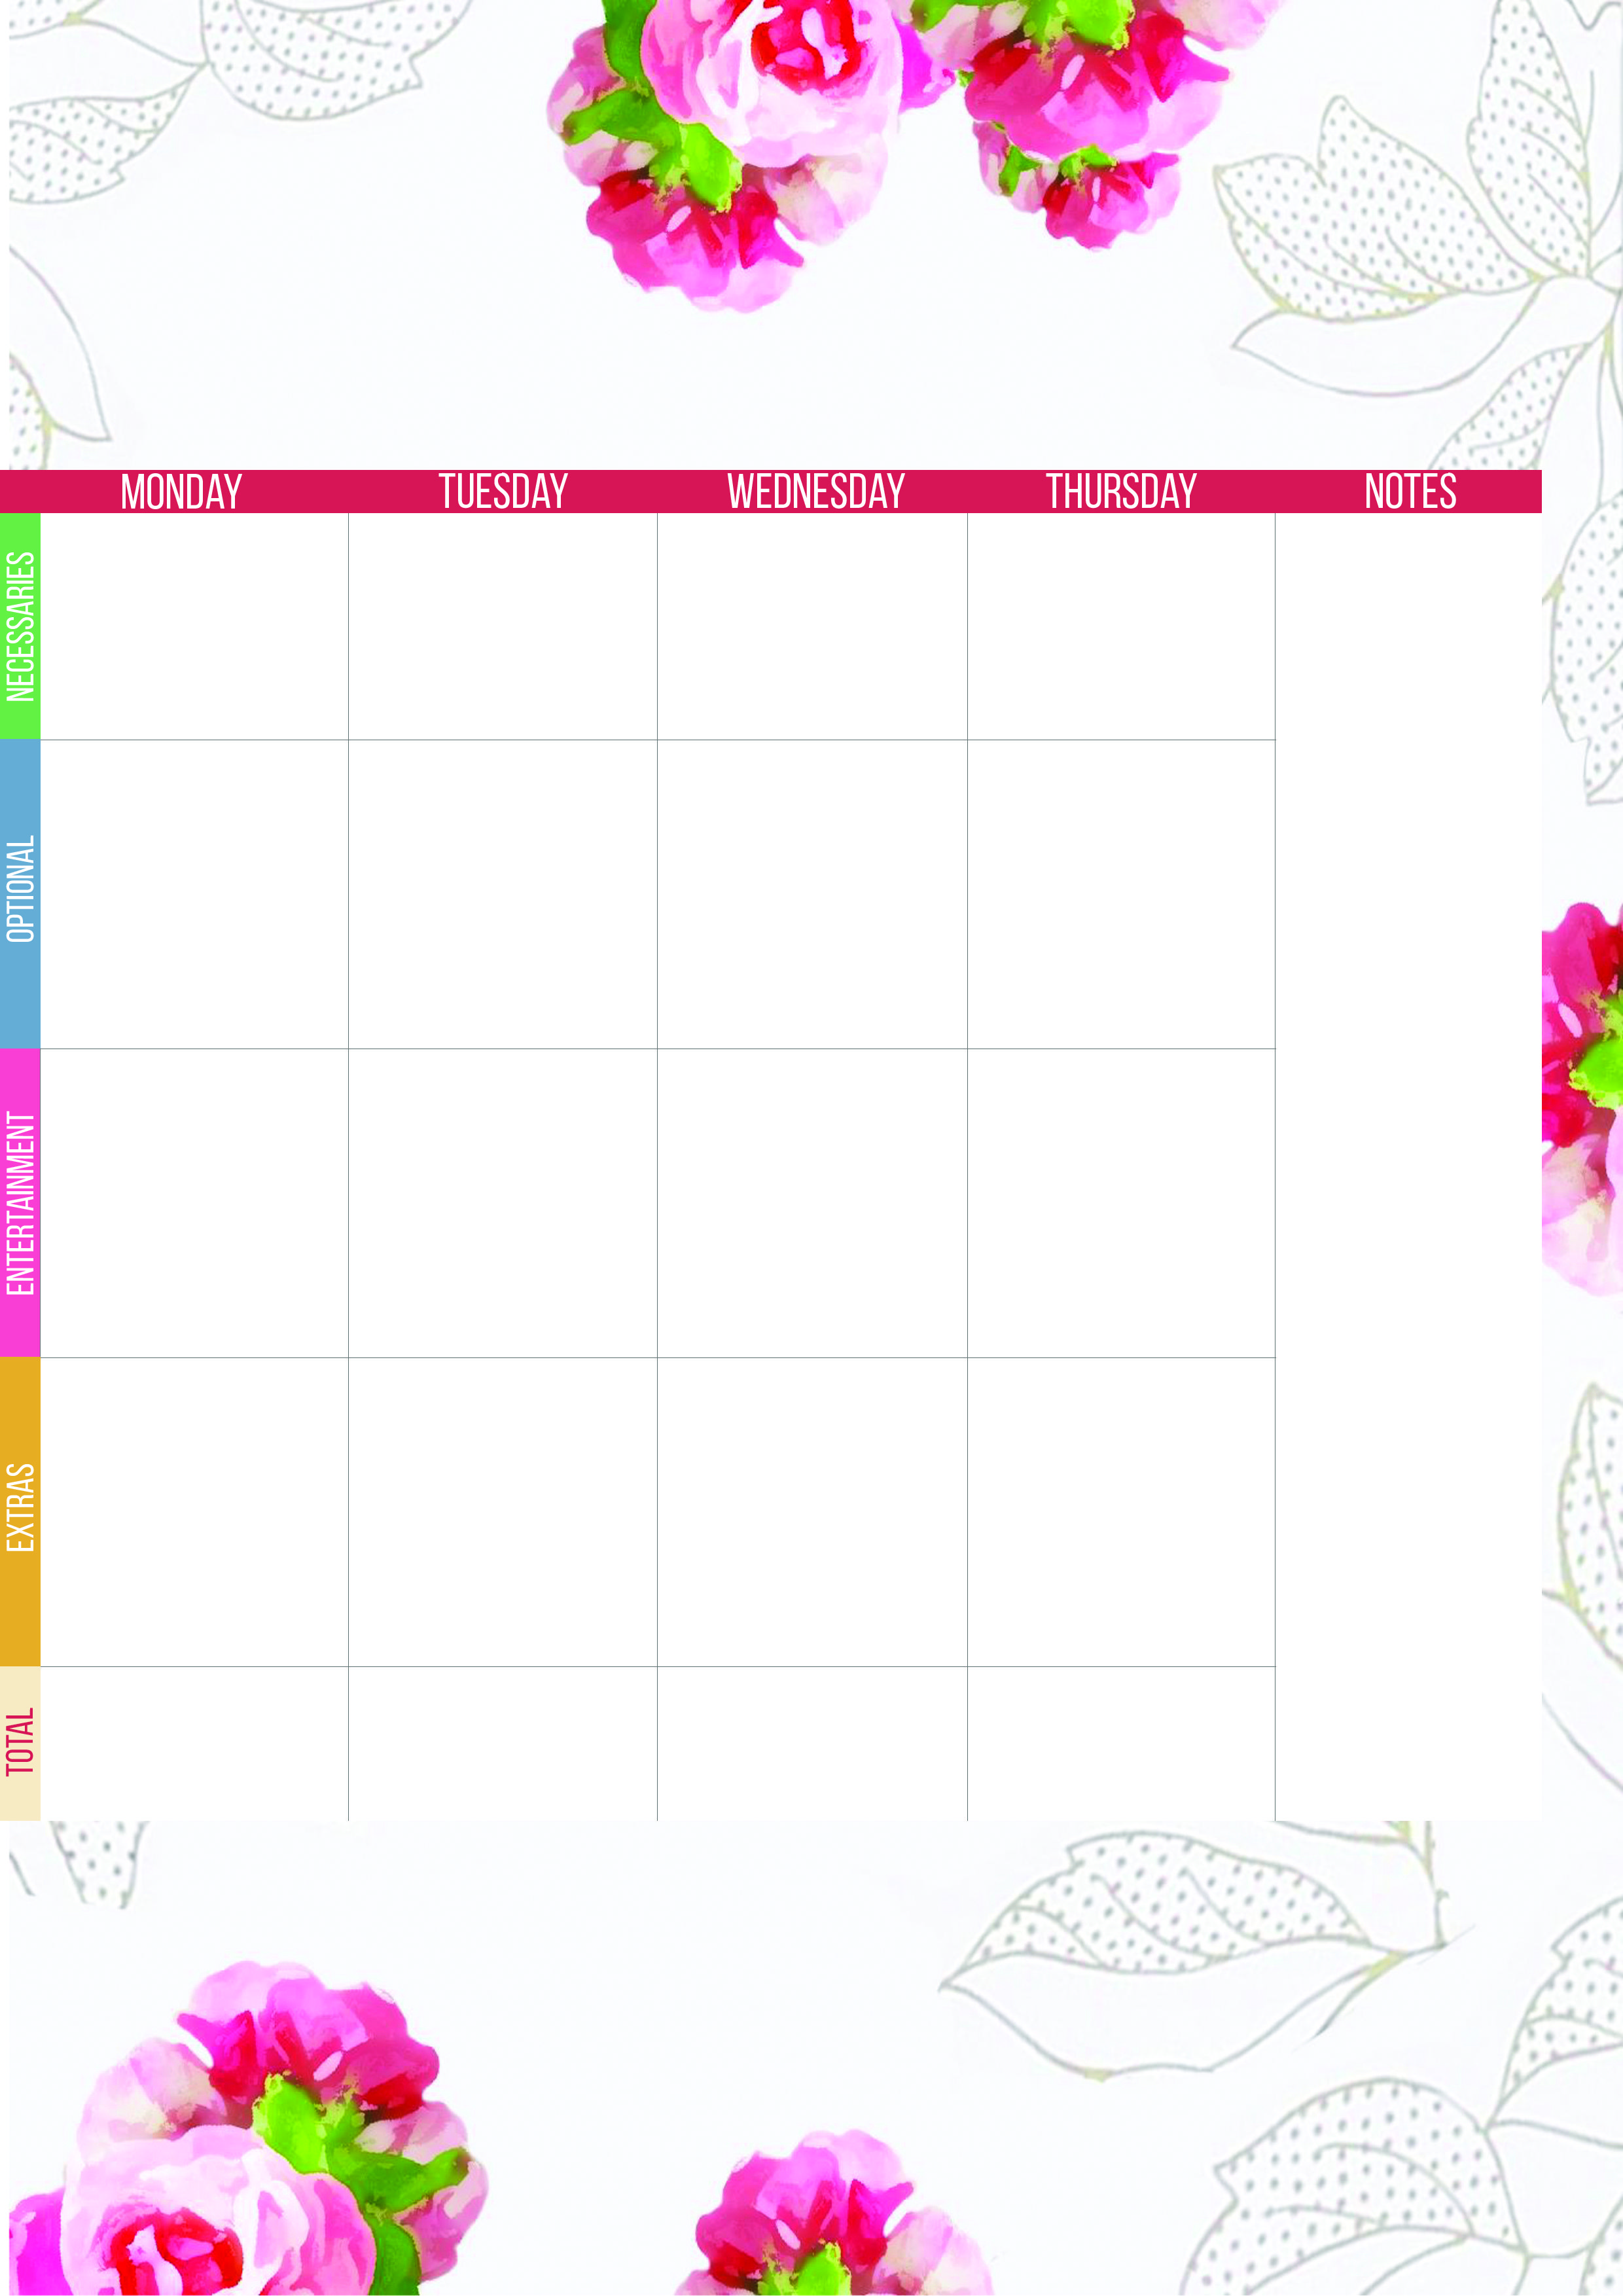 Free Printable Weekly Perpetual Budget Planner